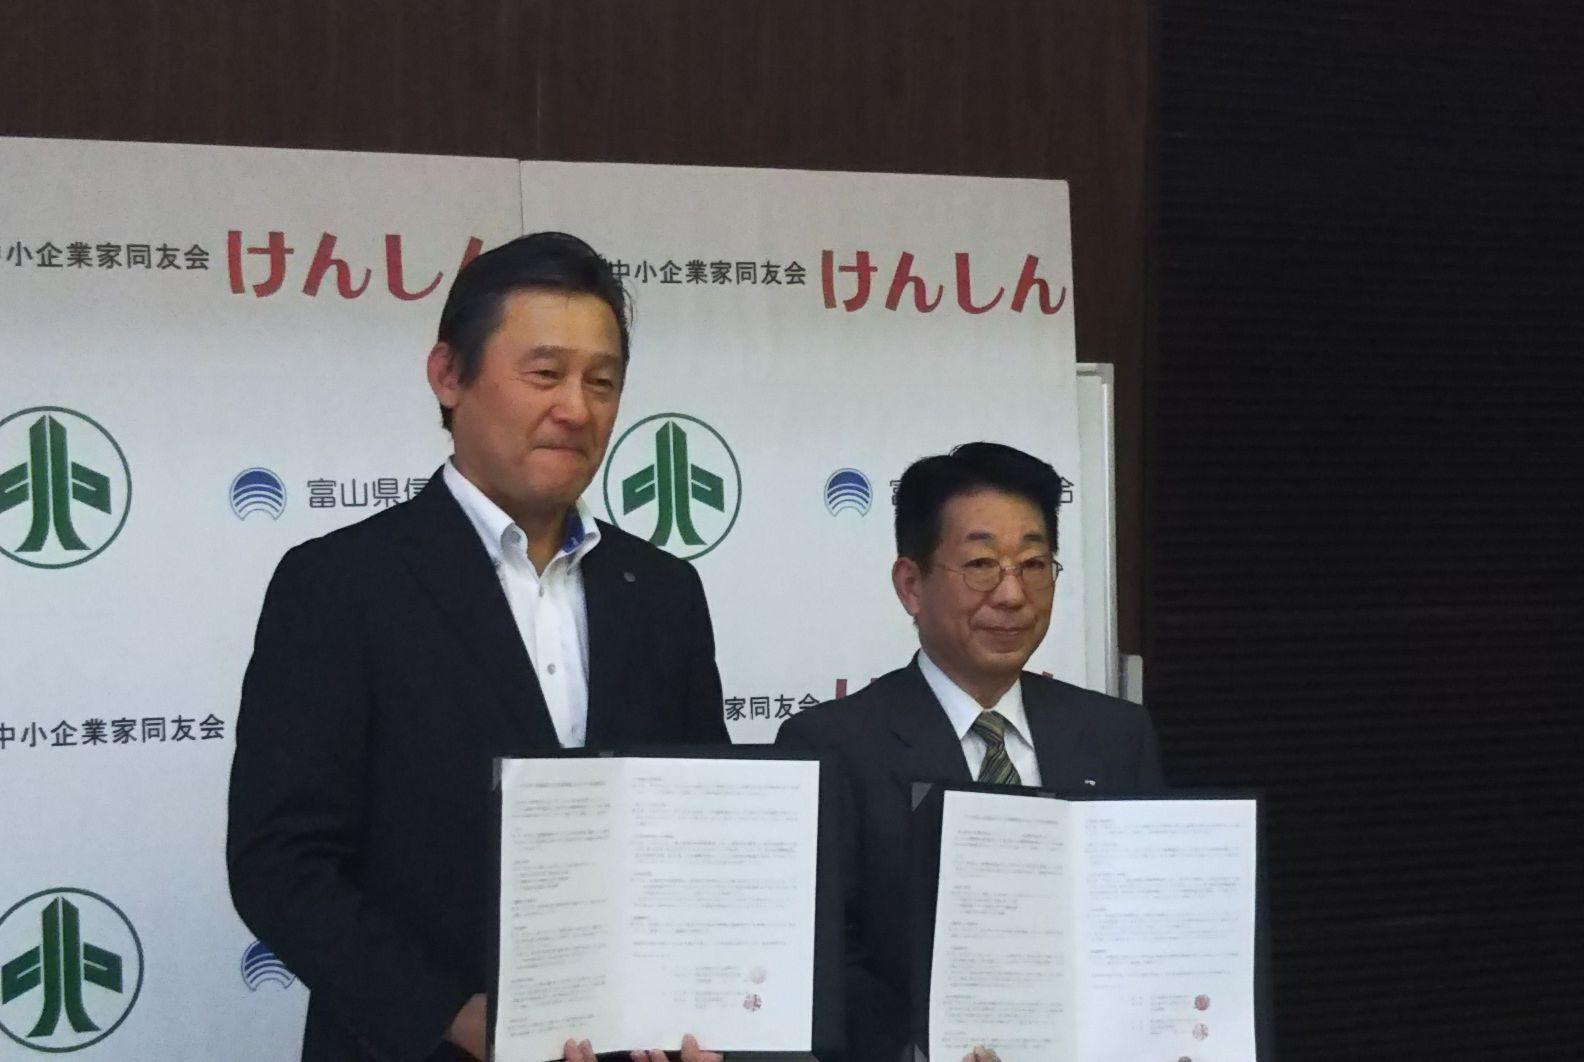 富山県信用組合と包括連携協定を締結